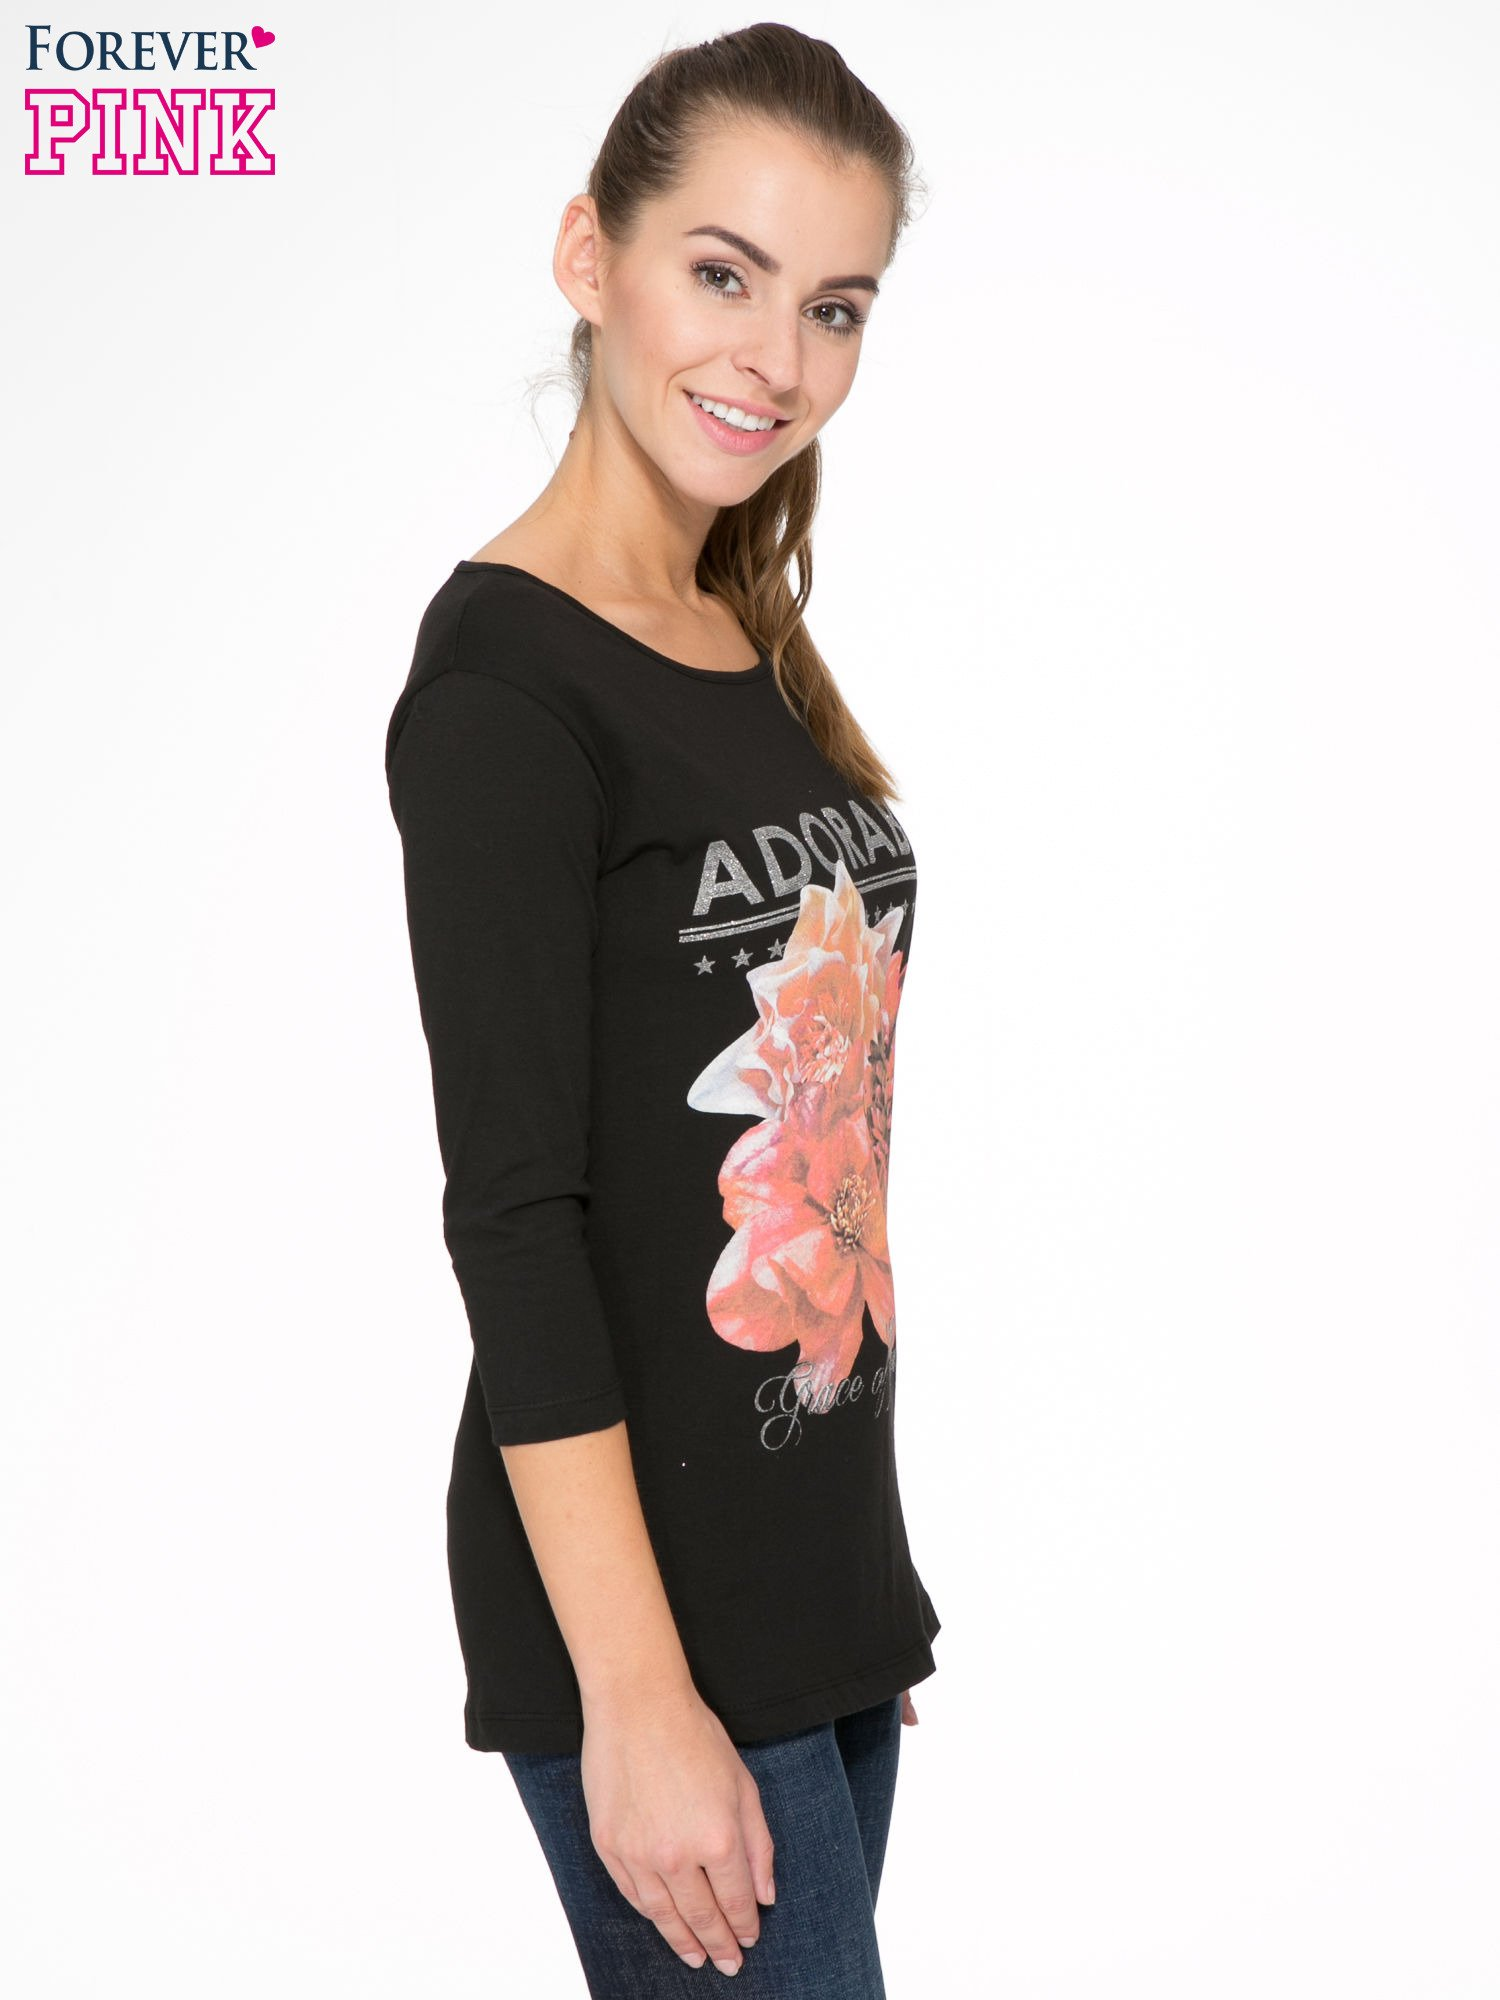 Czarna bluzka z motywem kwiatowym i napisem ADORABLE                                  zdj.                                  3